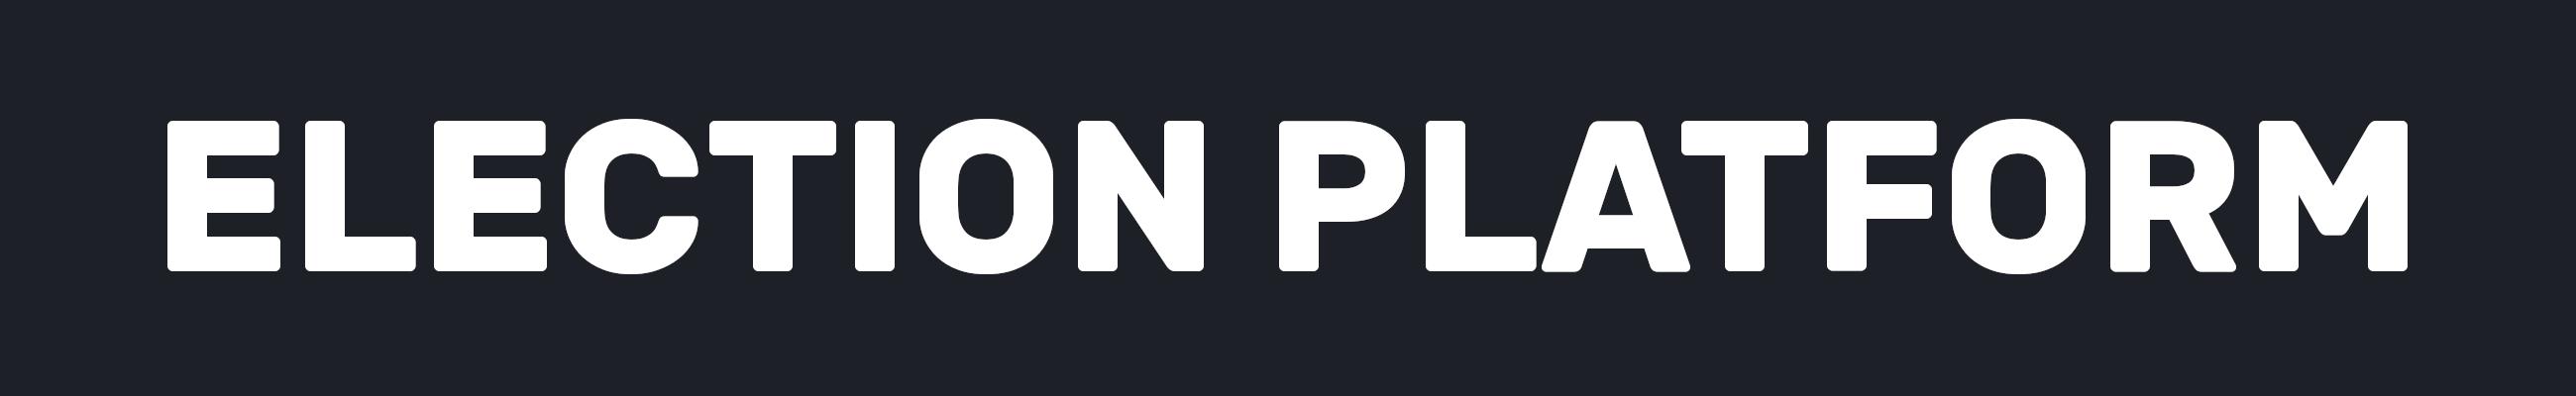 Election Platform